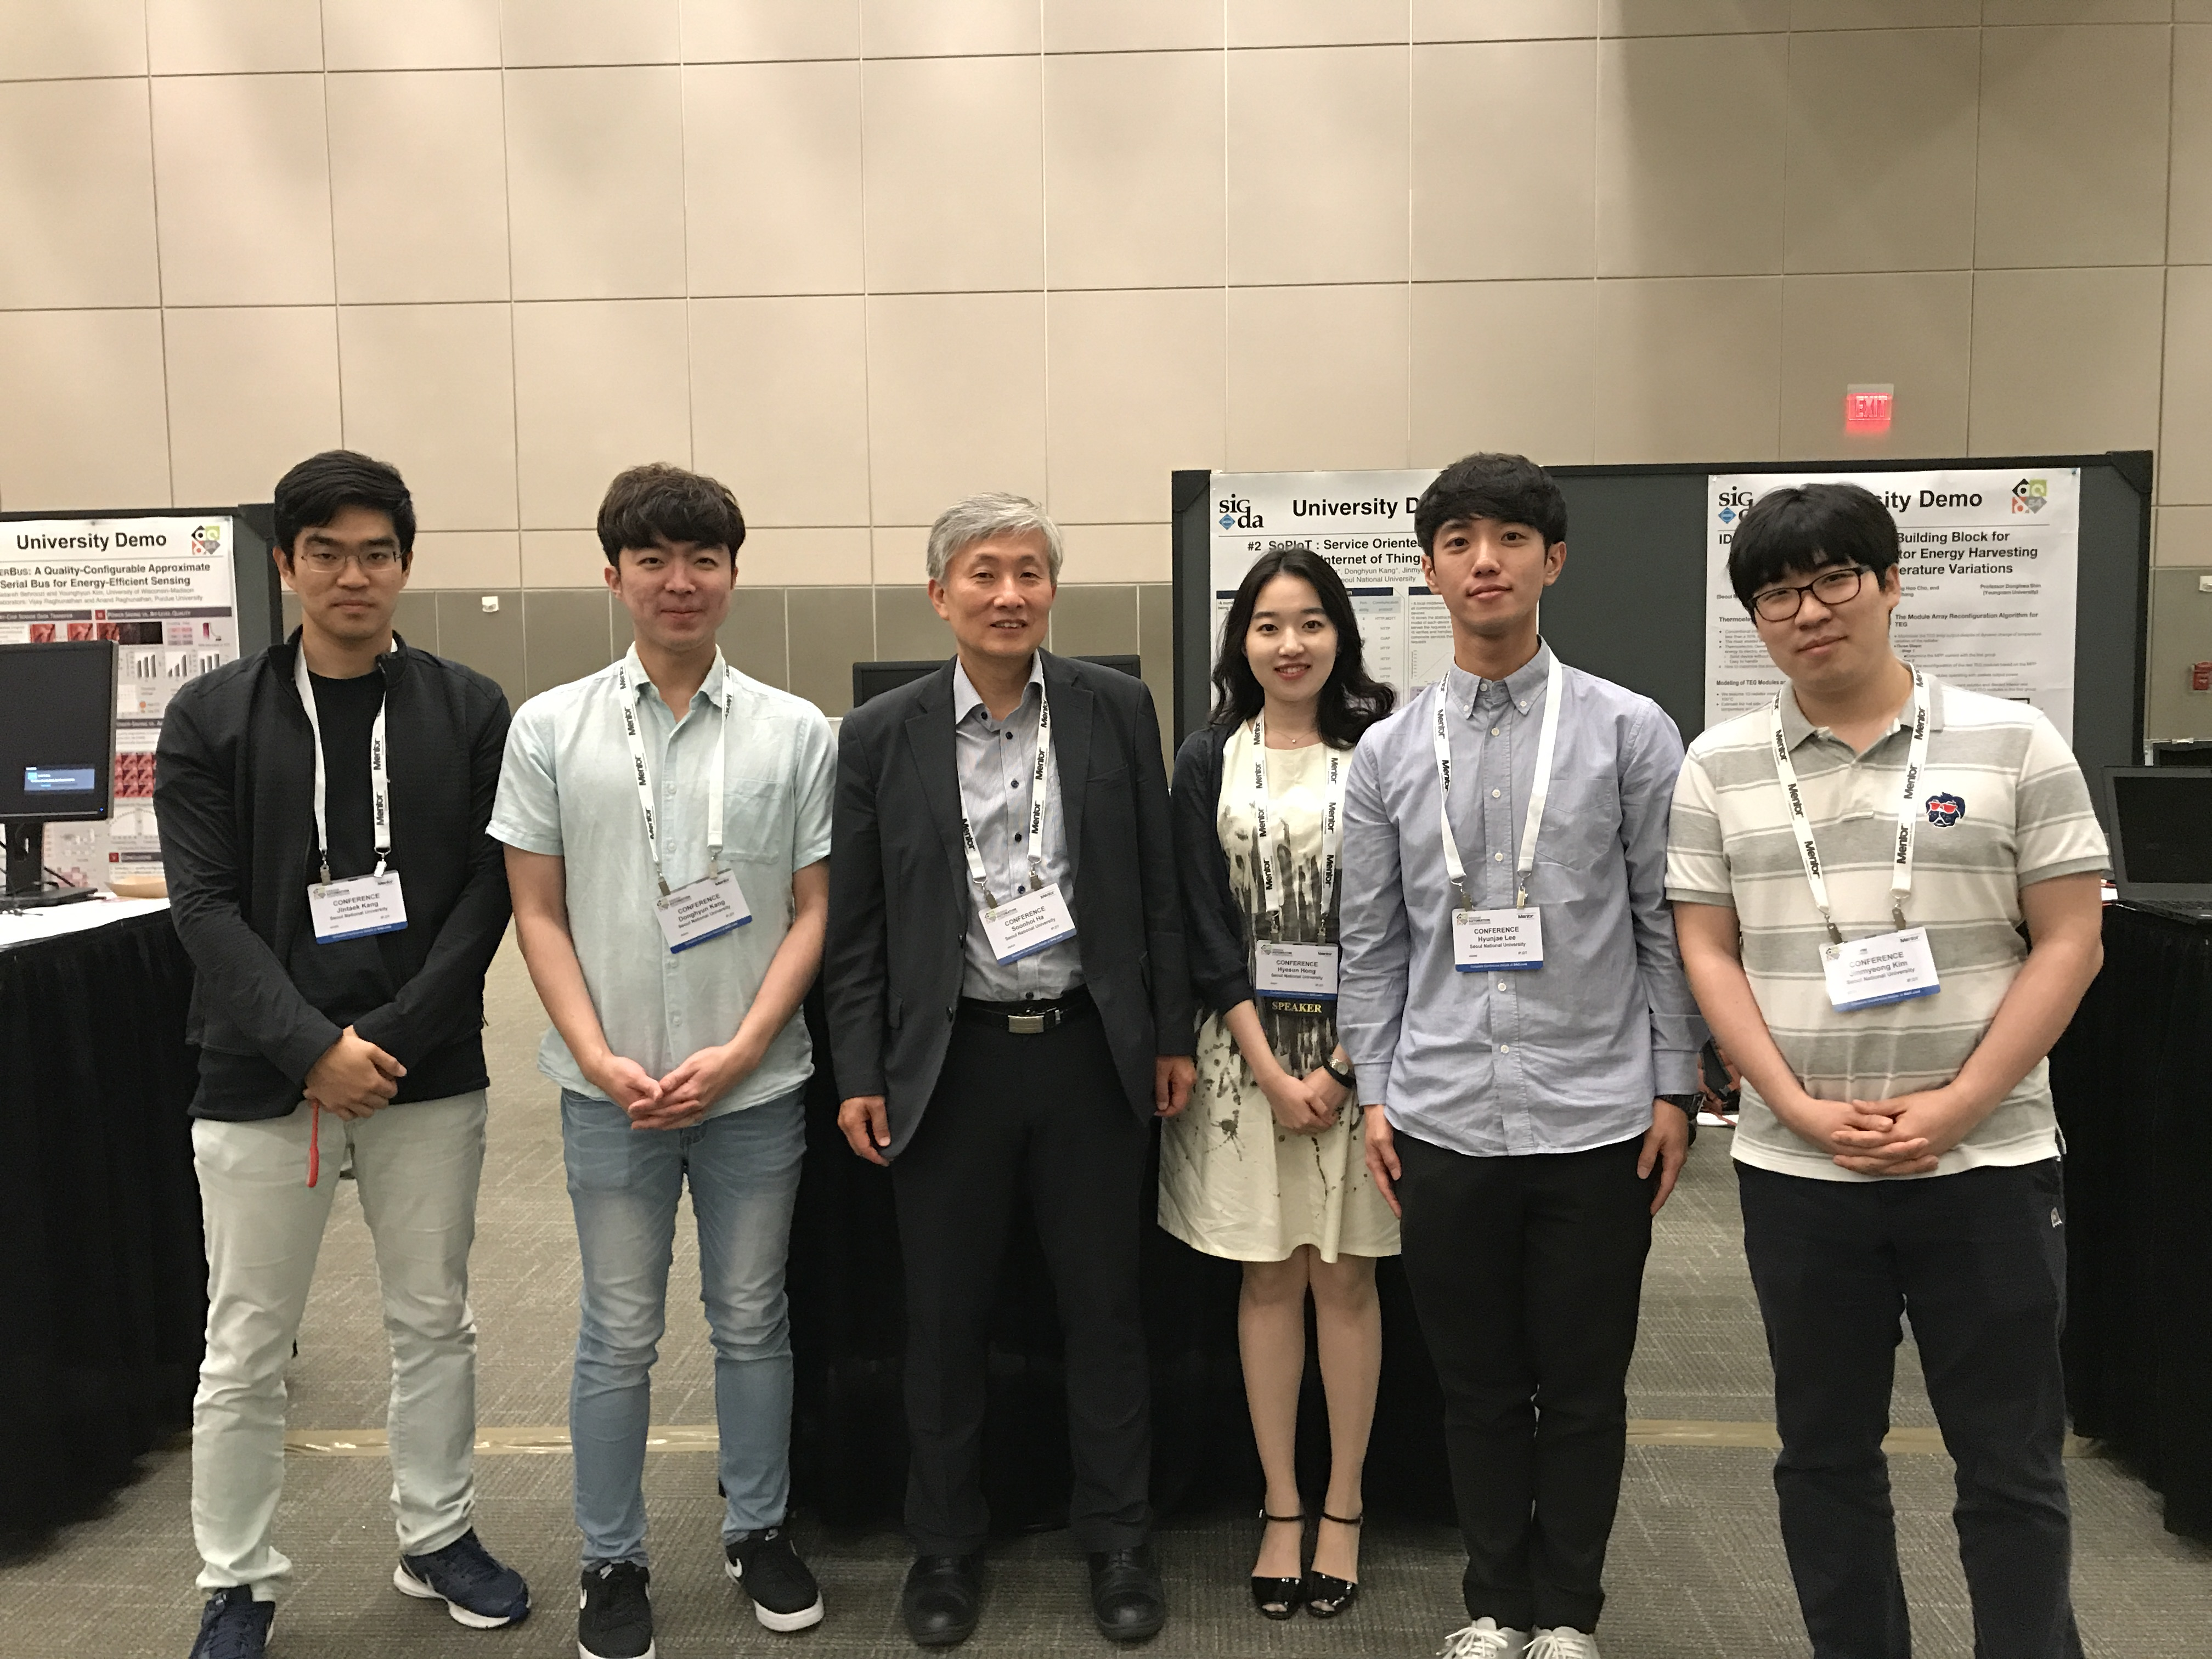 서울대 하순회 교수팀, DAC 2017 University Demonstration에서 수상